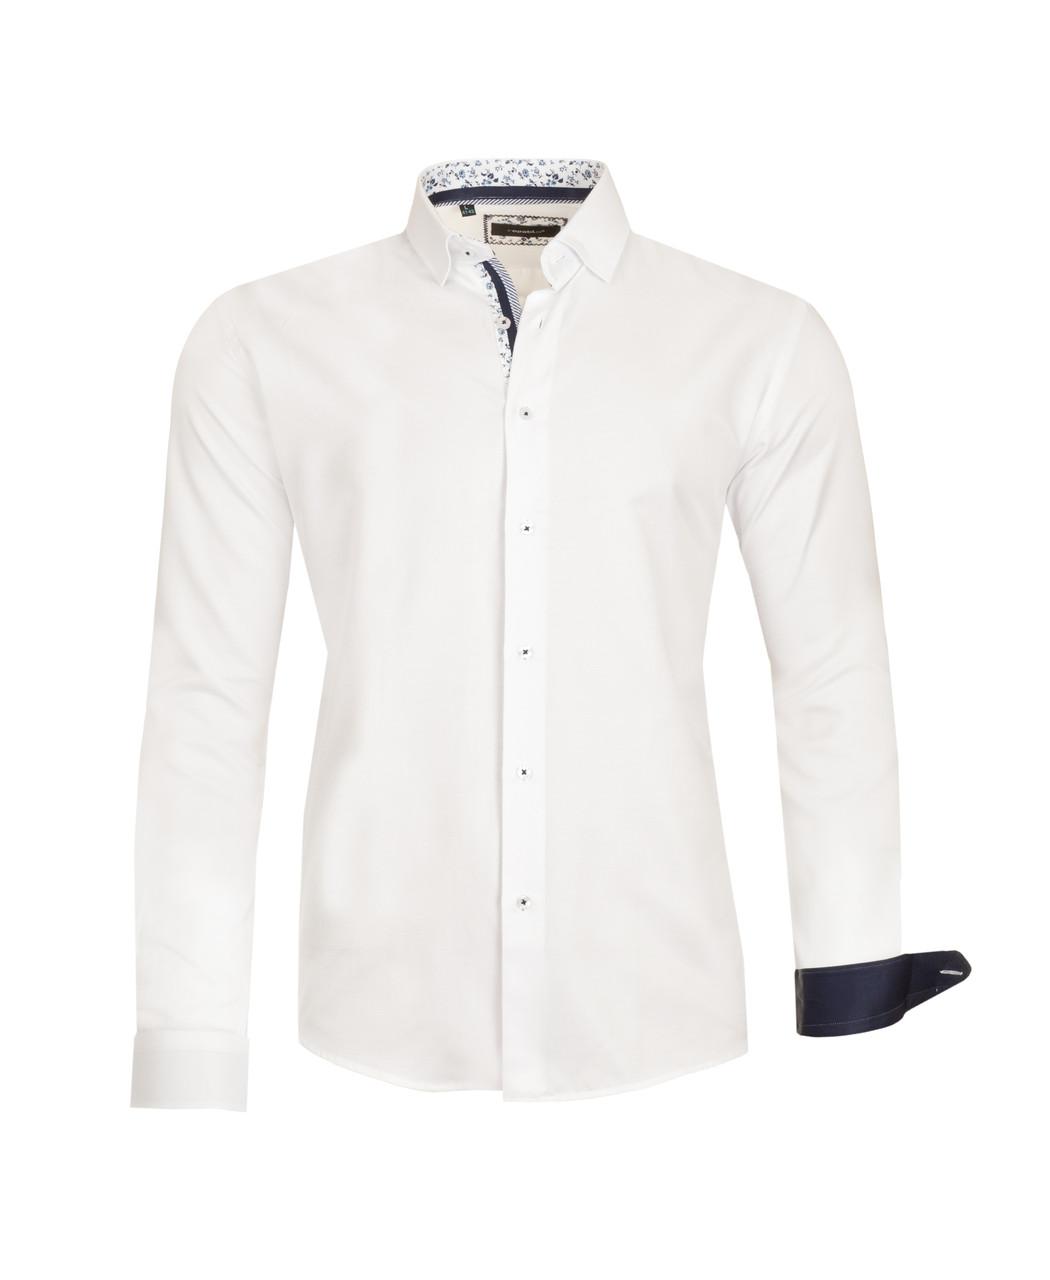 Белая рубашка KS 1674-1 разм. XXL